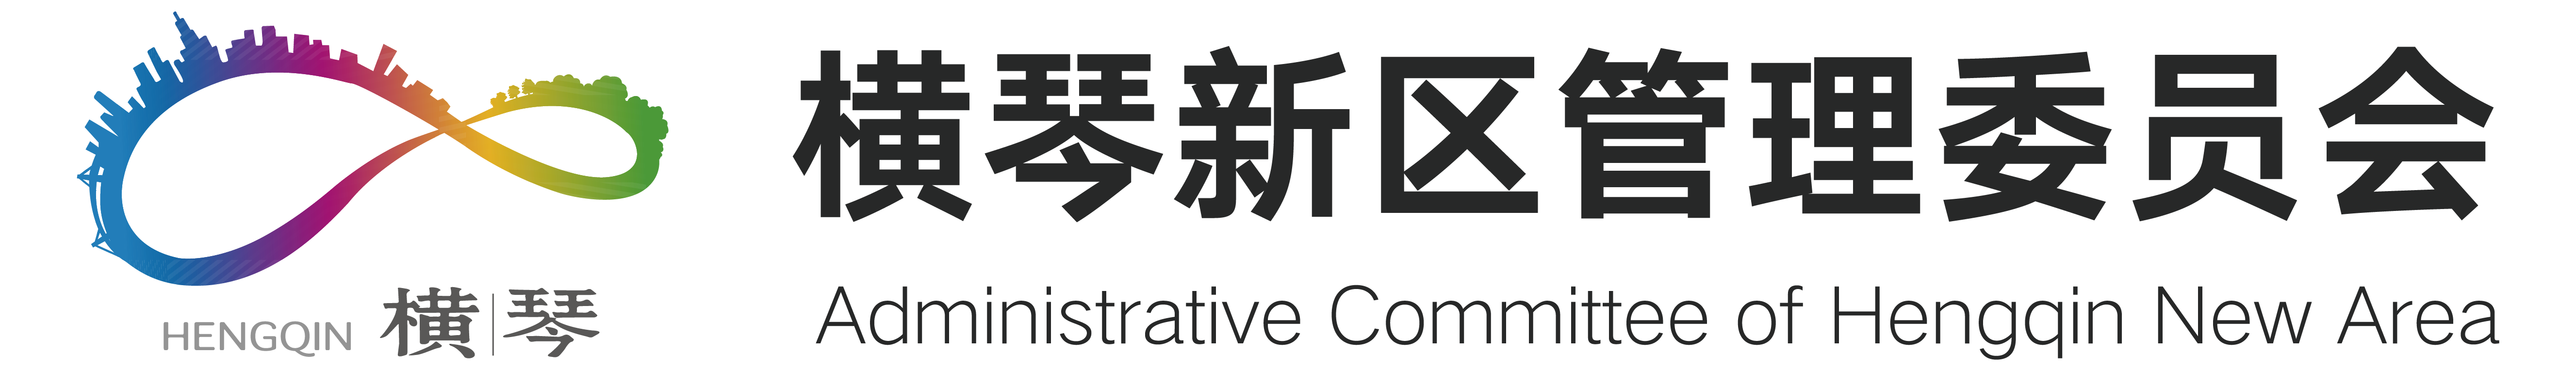 2018中国改革横琴论坛